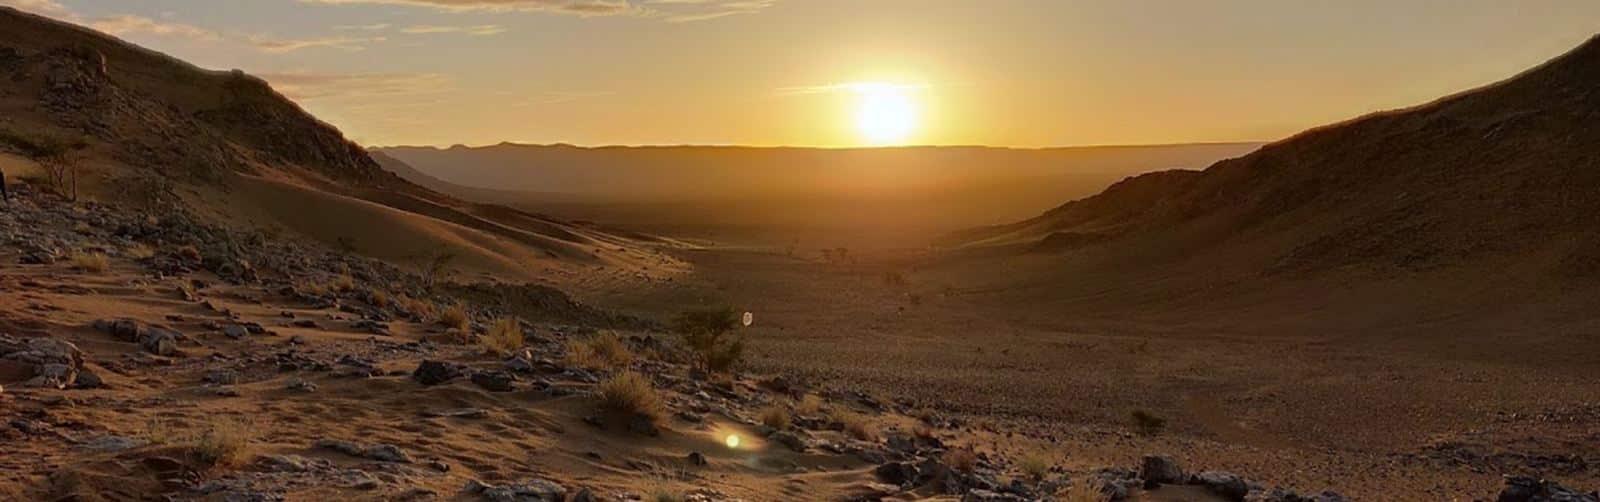 2-day Zagora Desert Tour